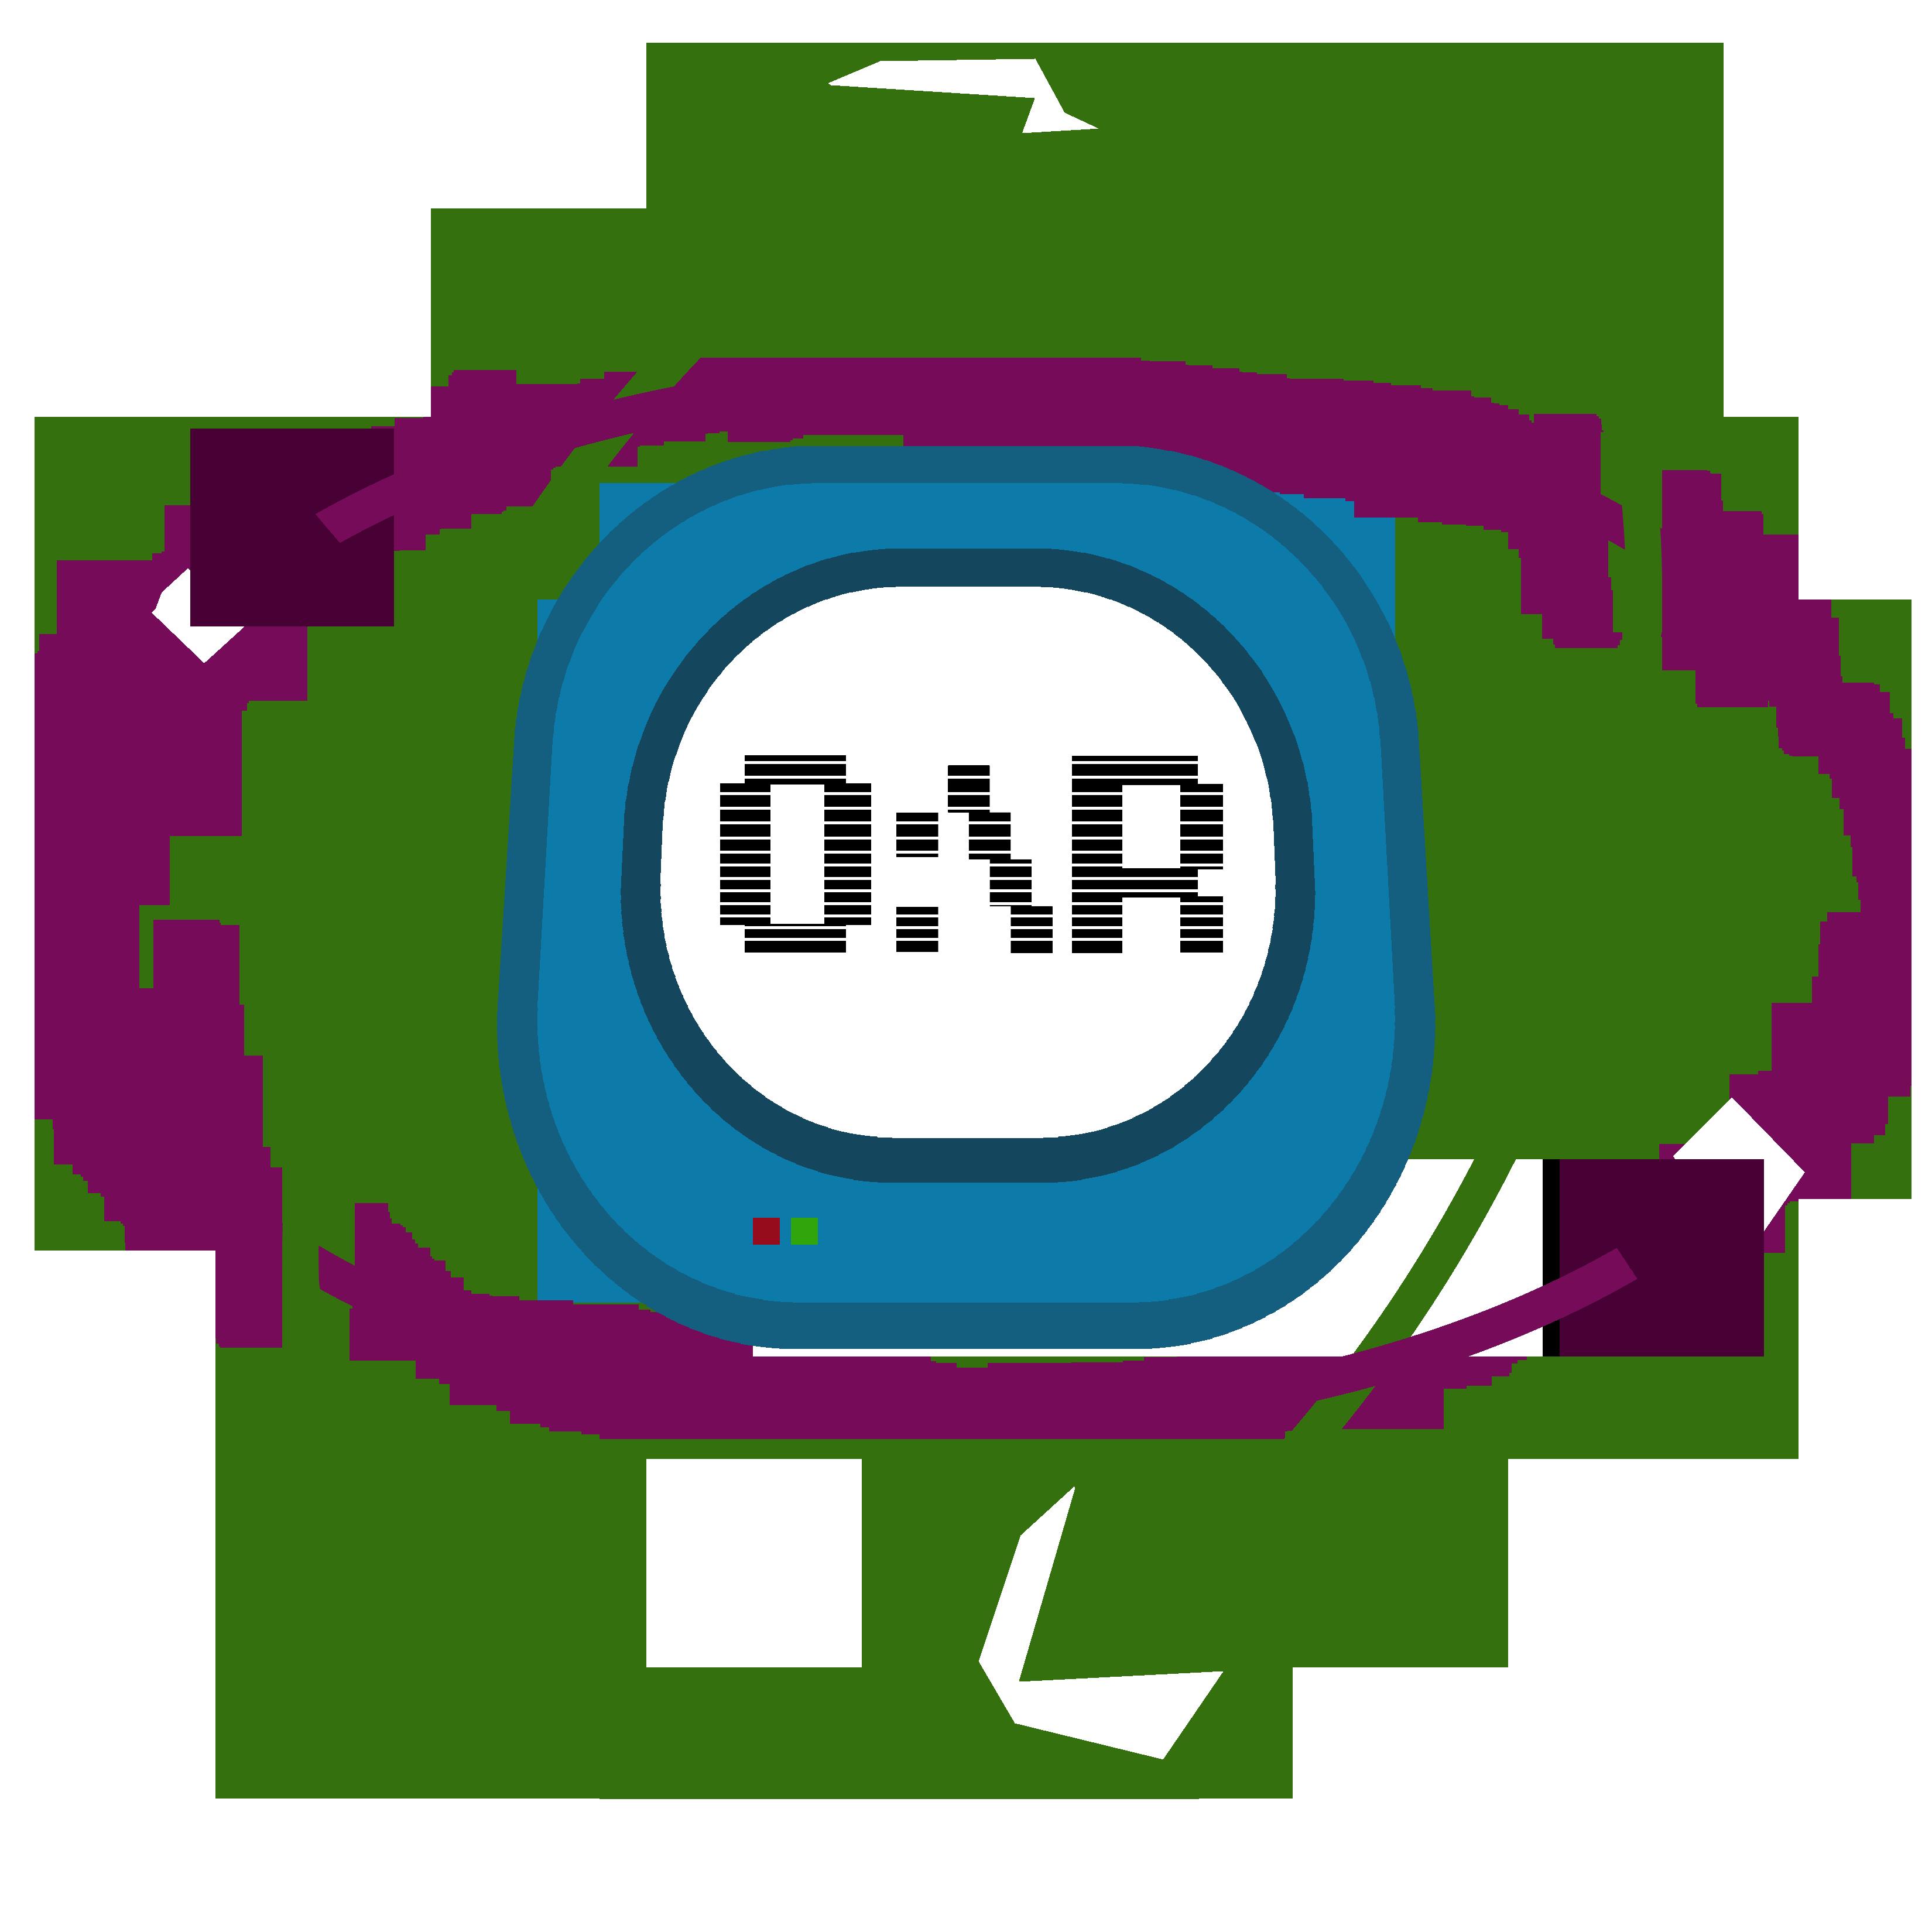 Órbita Retro – Tu sitio de referencia para comprar Ordenadores Retro